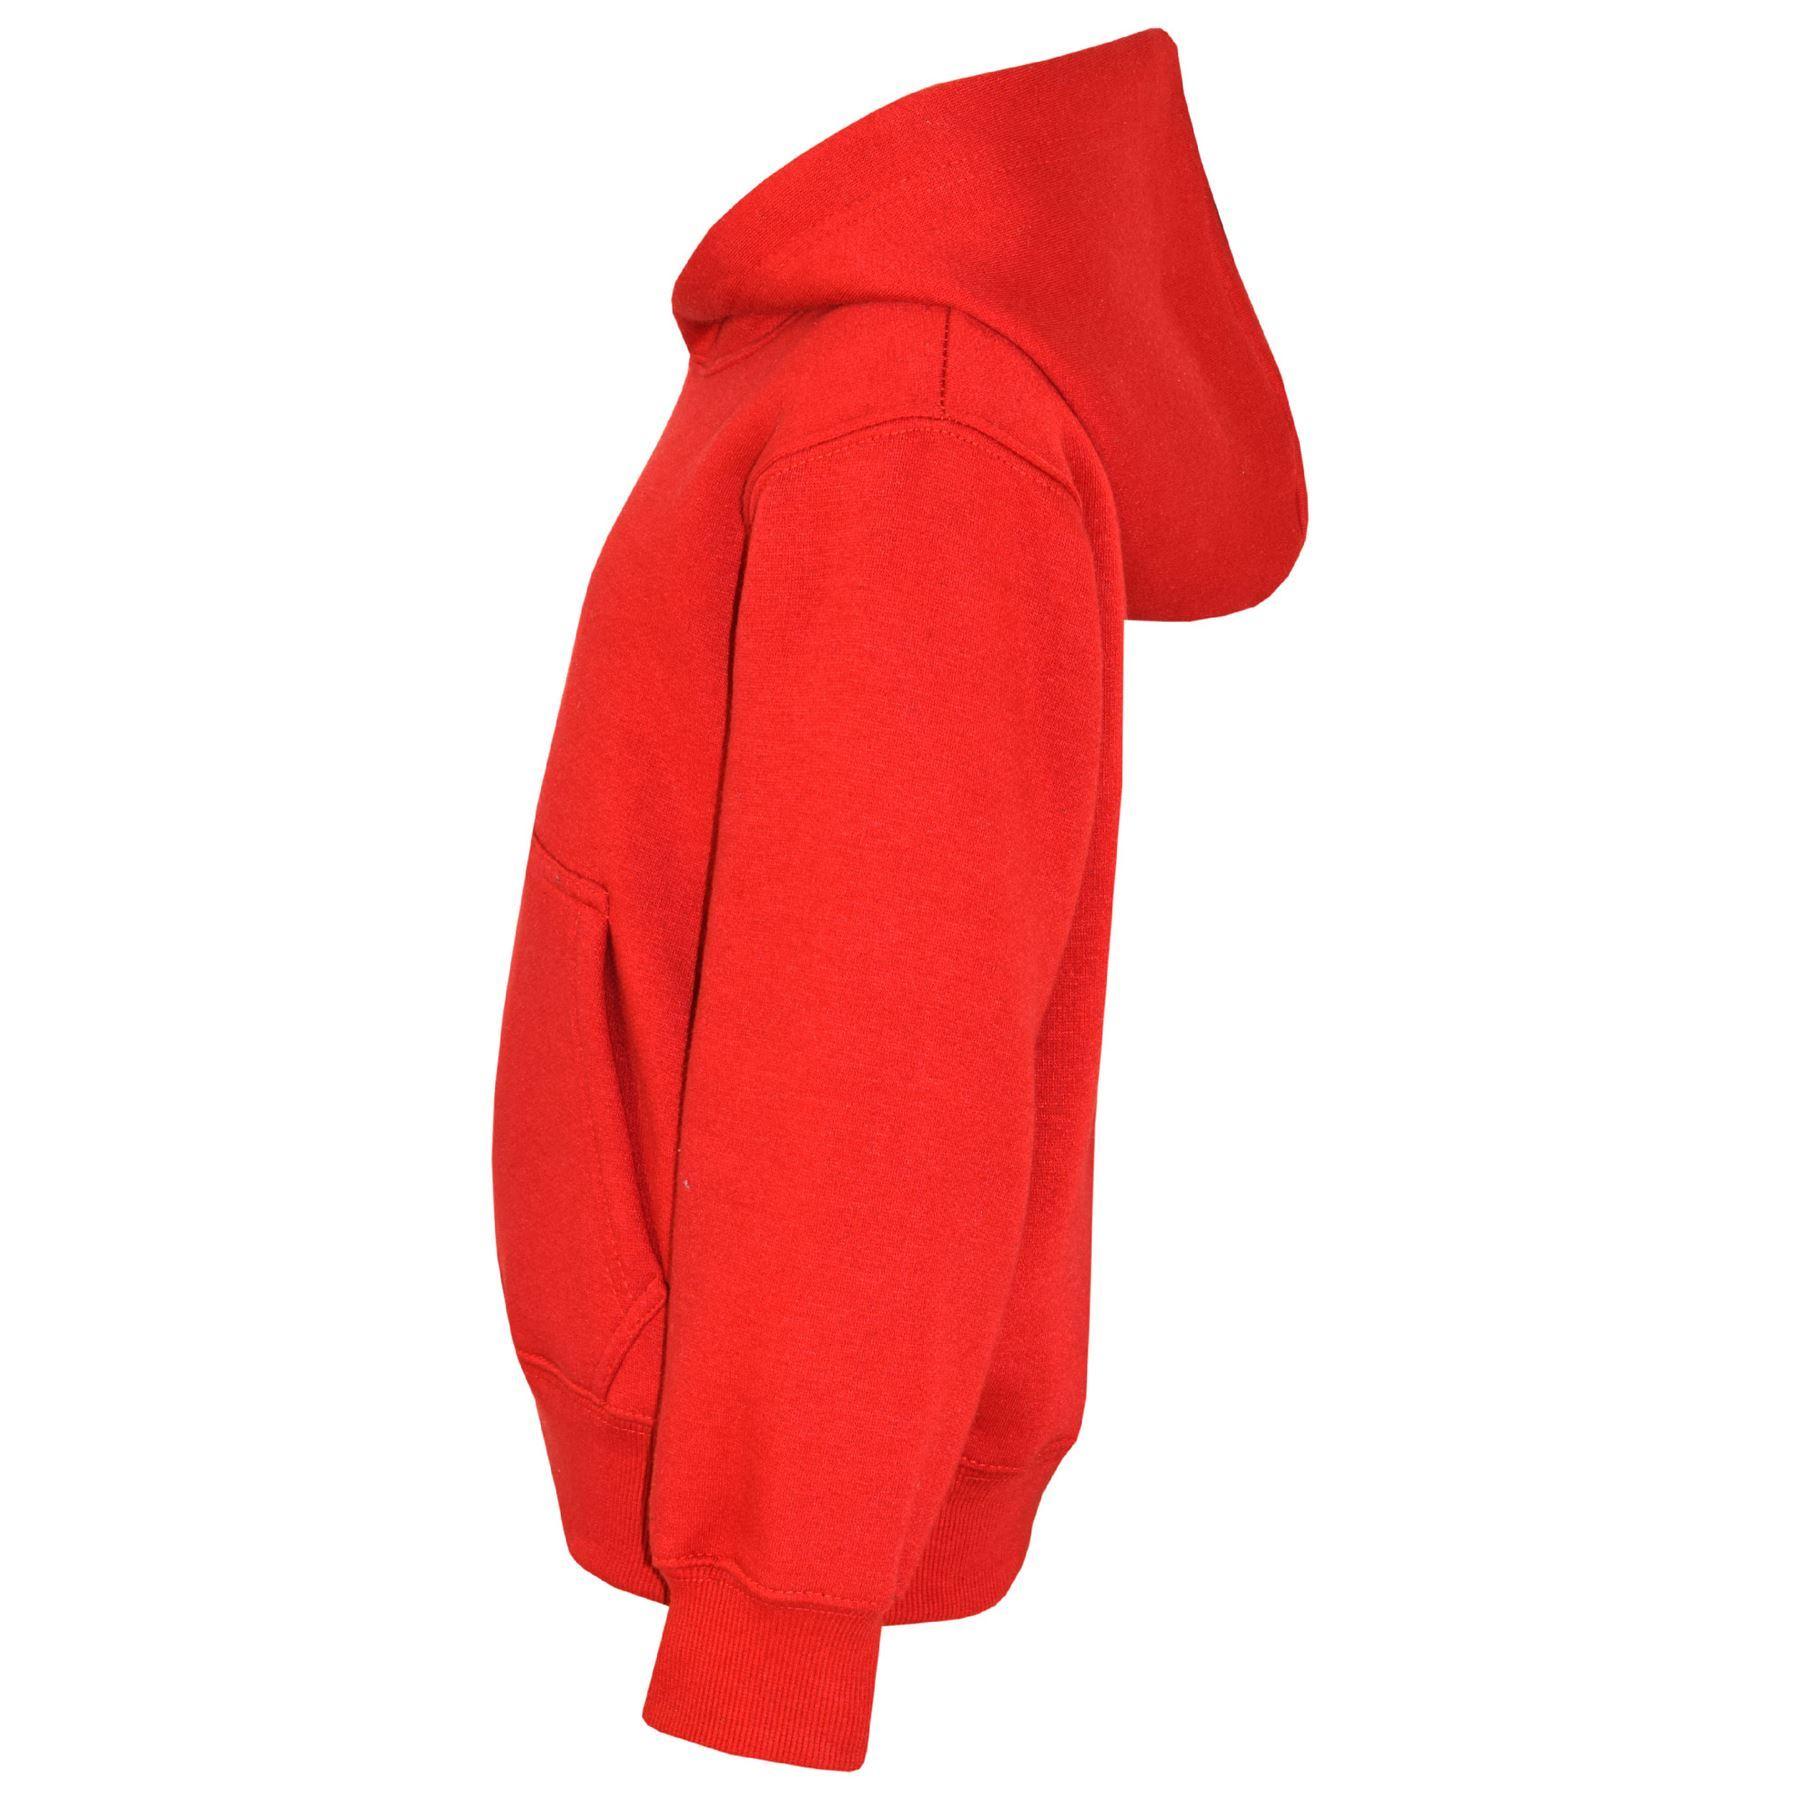 13ce2f043ee6 Kids Girls Boys Sweatshirt Tops Plain Red Hooded Jumpers Hoodies Age ...